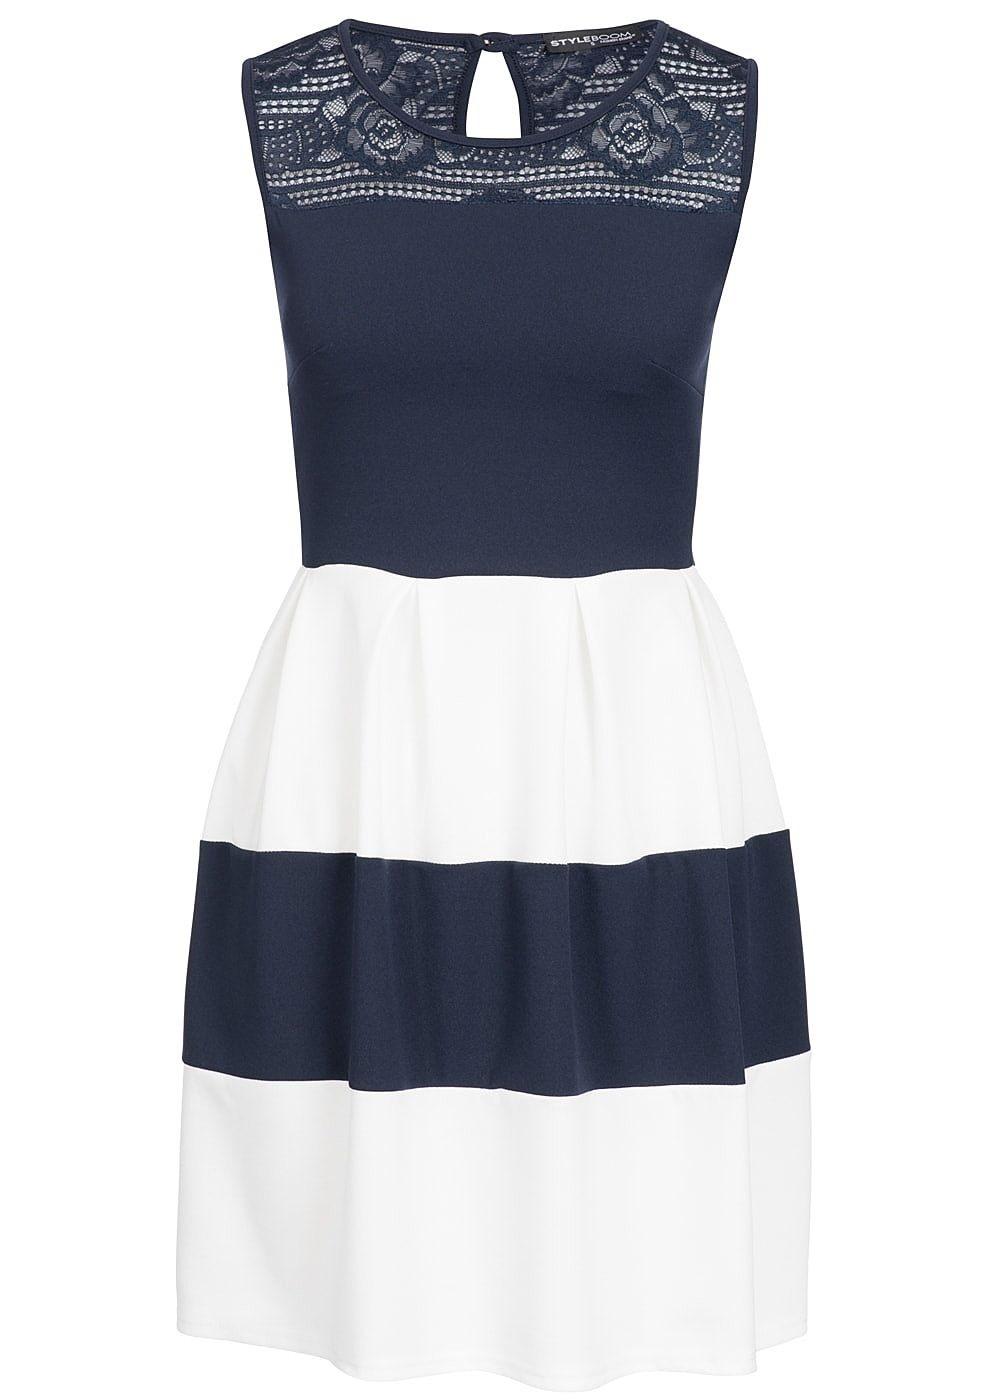 Formal Luxurius Kleid Blau Glitzer Bester PreisDesigner Genial Kleid Blau Glitzer Ärmel